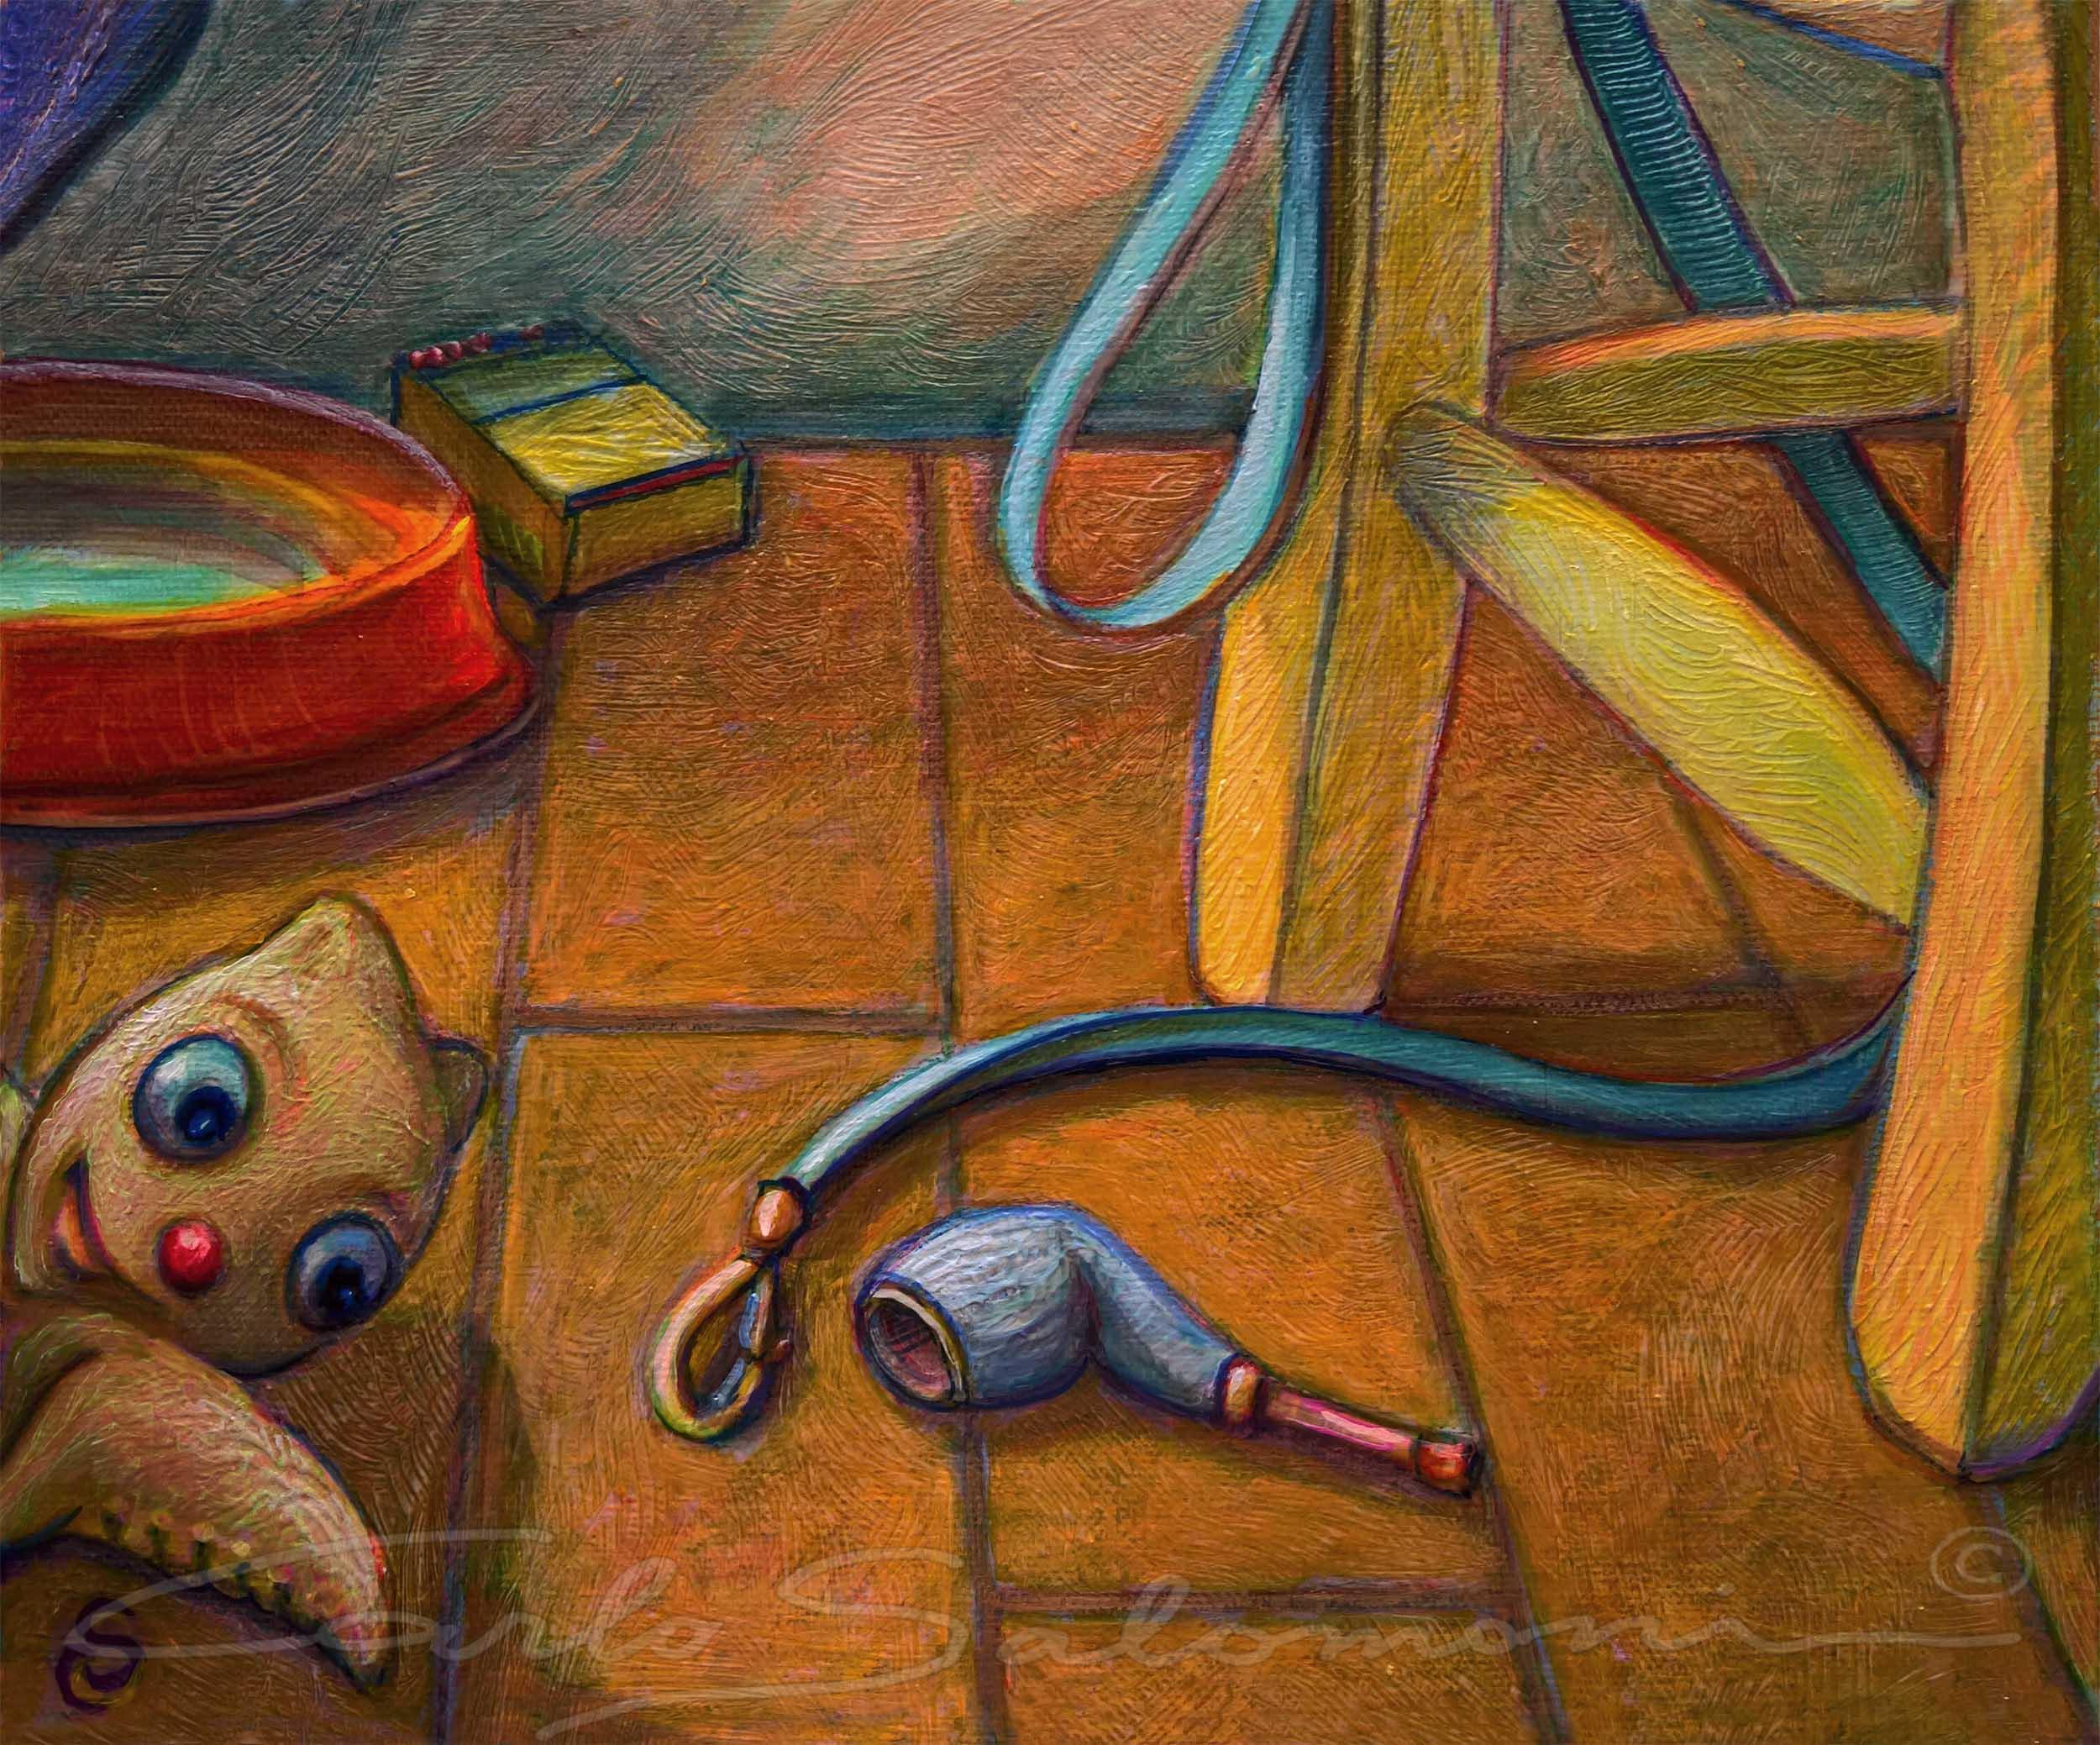 IN THE ROOM OF VAN DOG